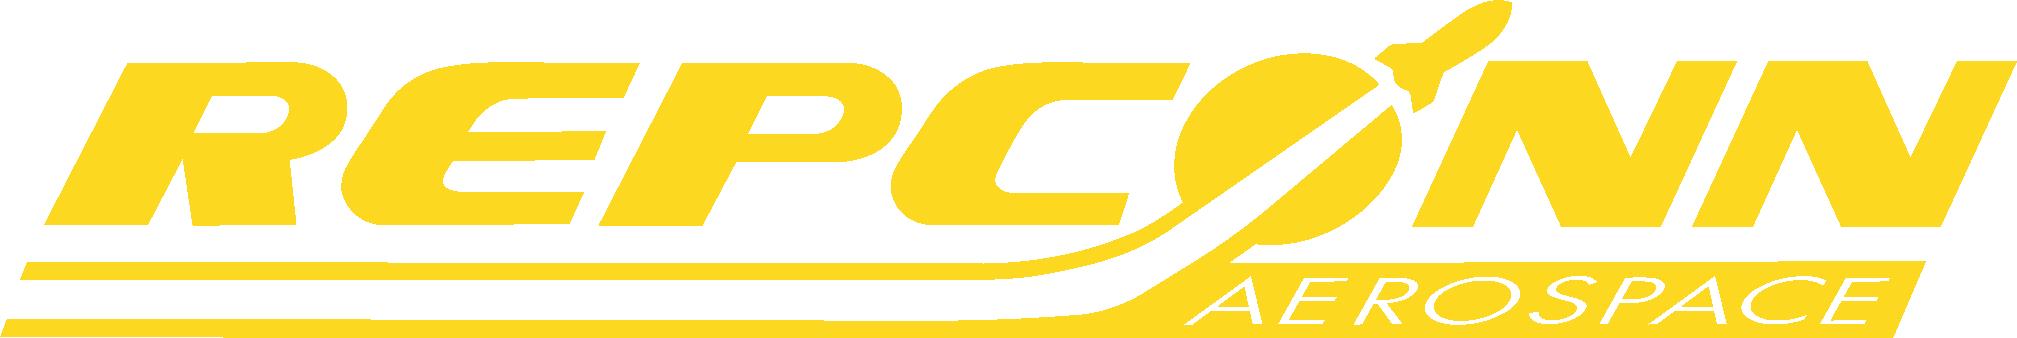 Repconn logo.png